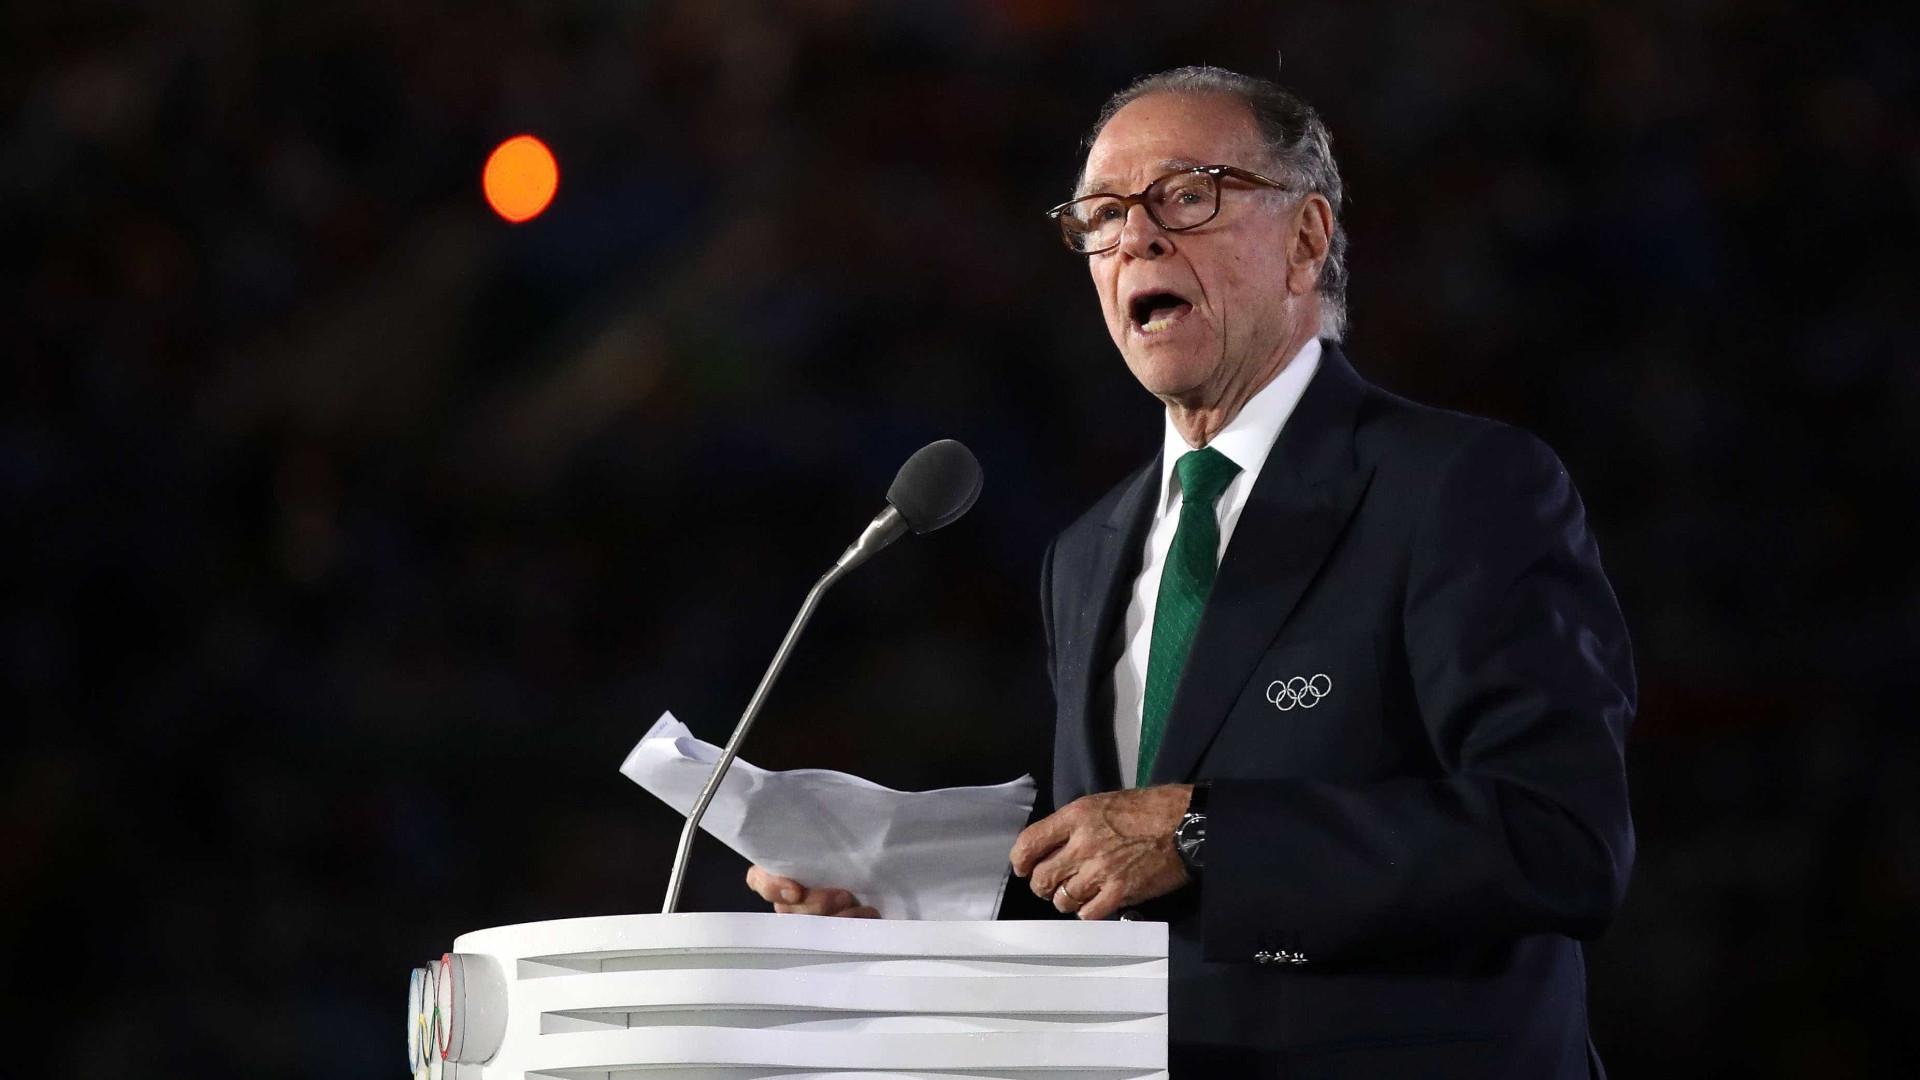 Propina olímpica: entenda a investigação sobre a corrupção na Rio 2016